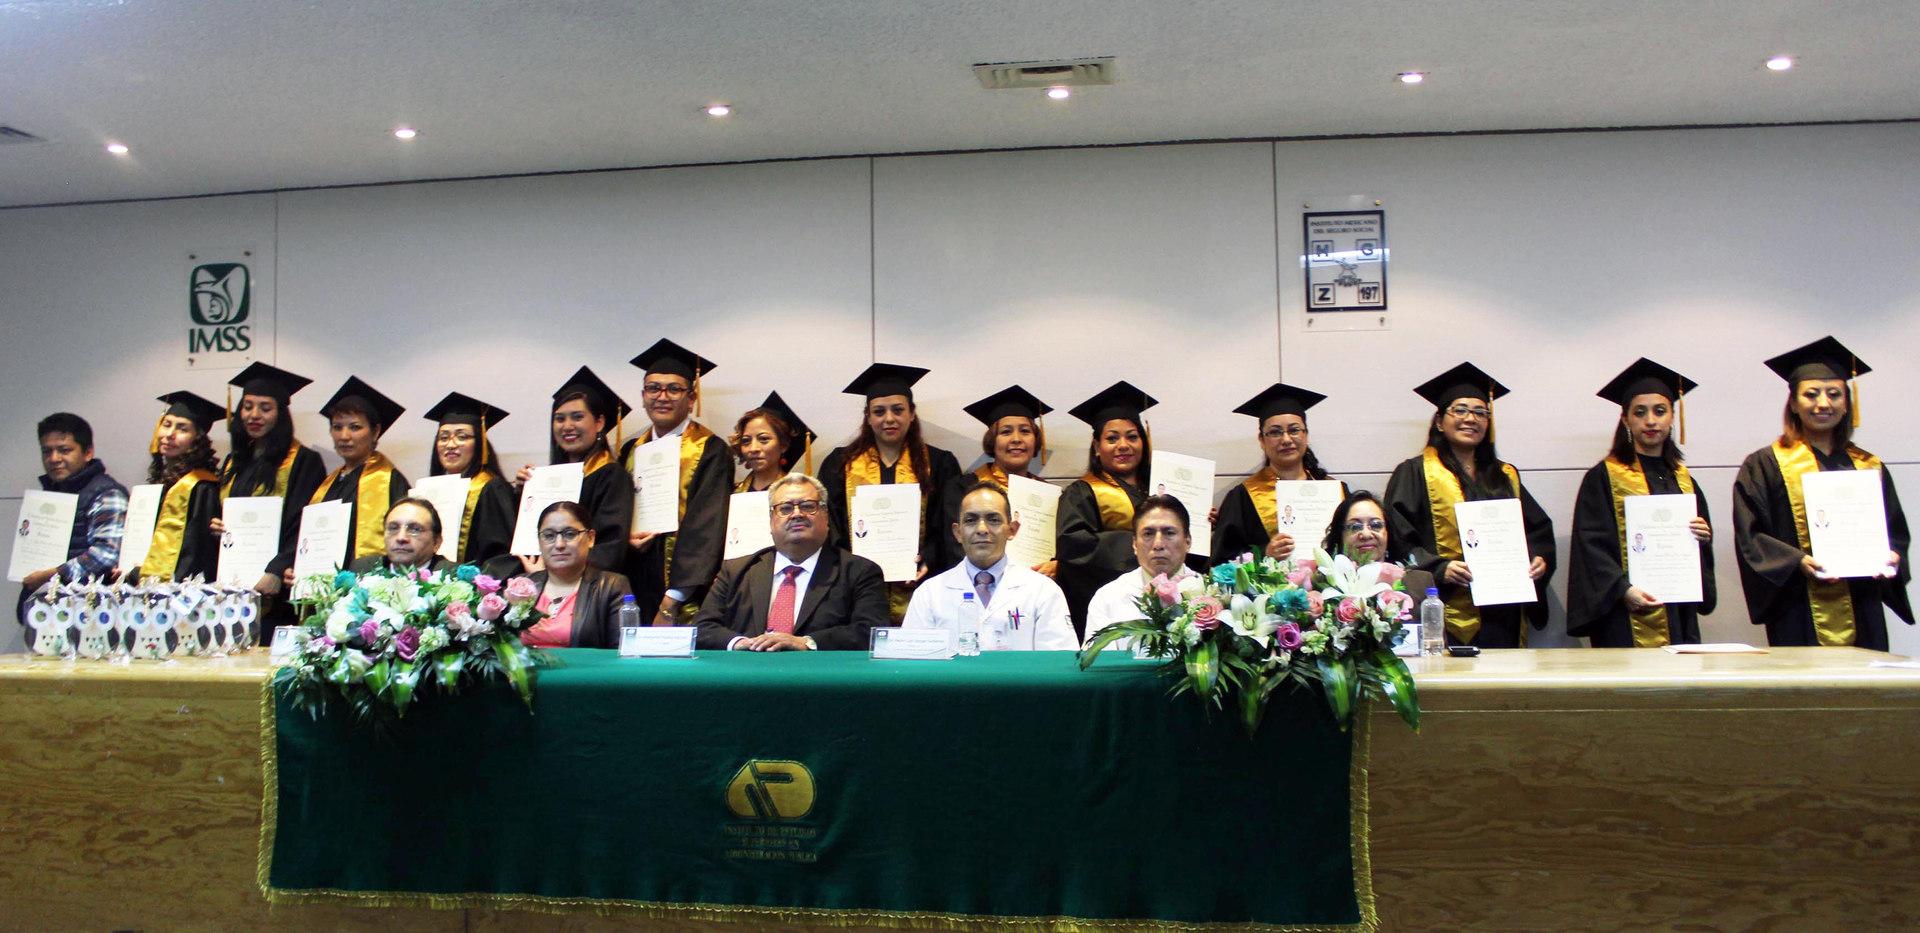 29_08_2018 Entrega de Diplomas.JPG